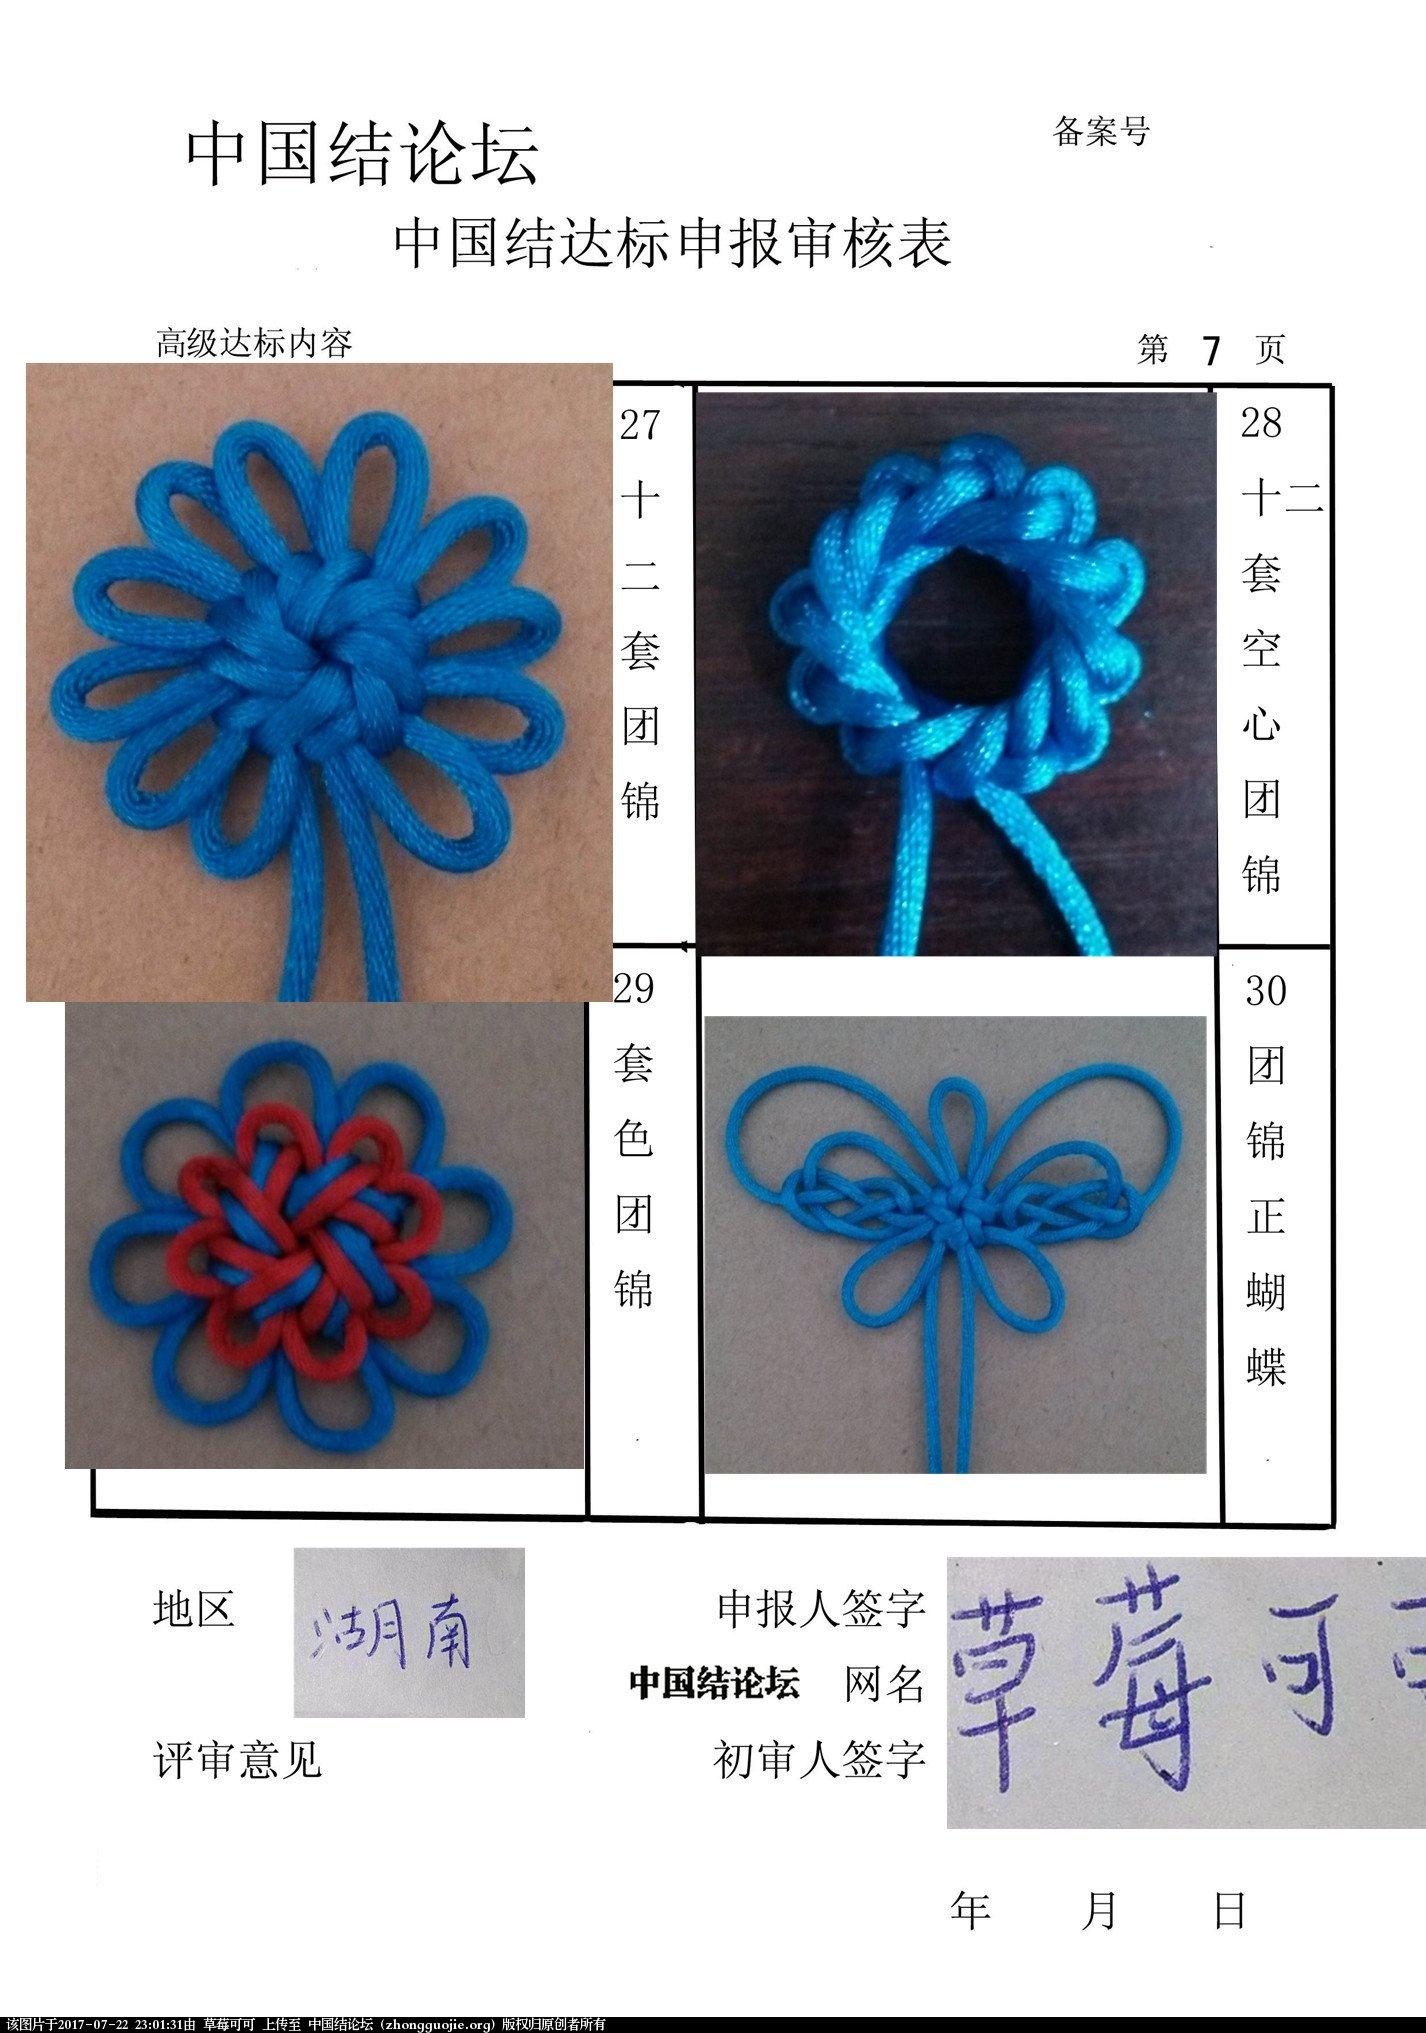 中国结论坛 草莓可可高级达标考核,已重做  中国绳结艺术分级达标审核 230126fh0m7h7k7z7h70w8